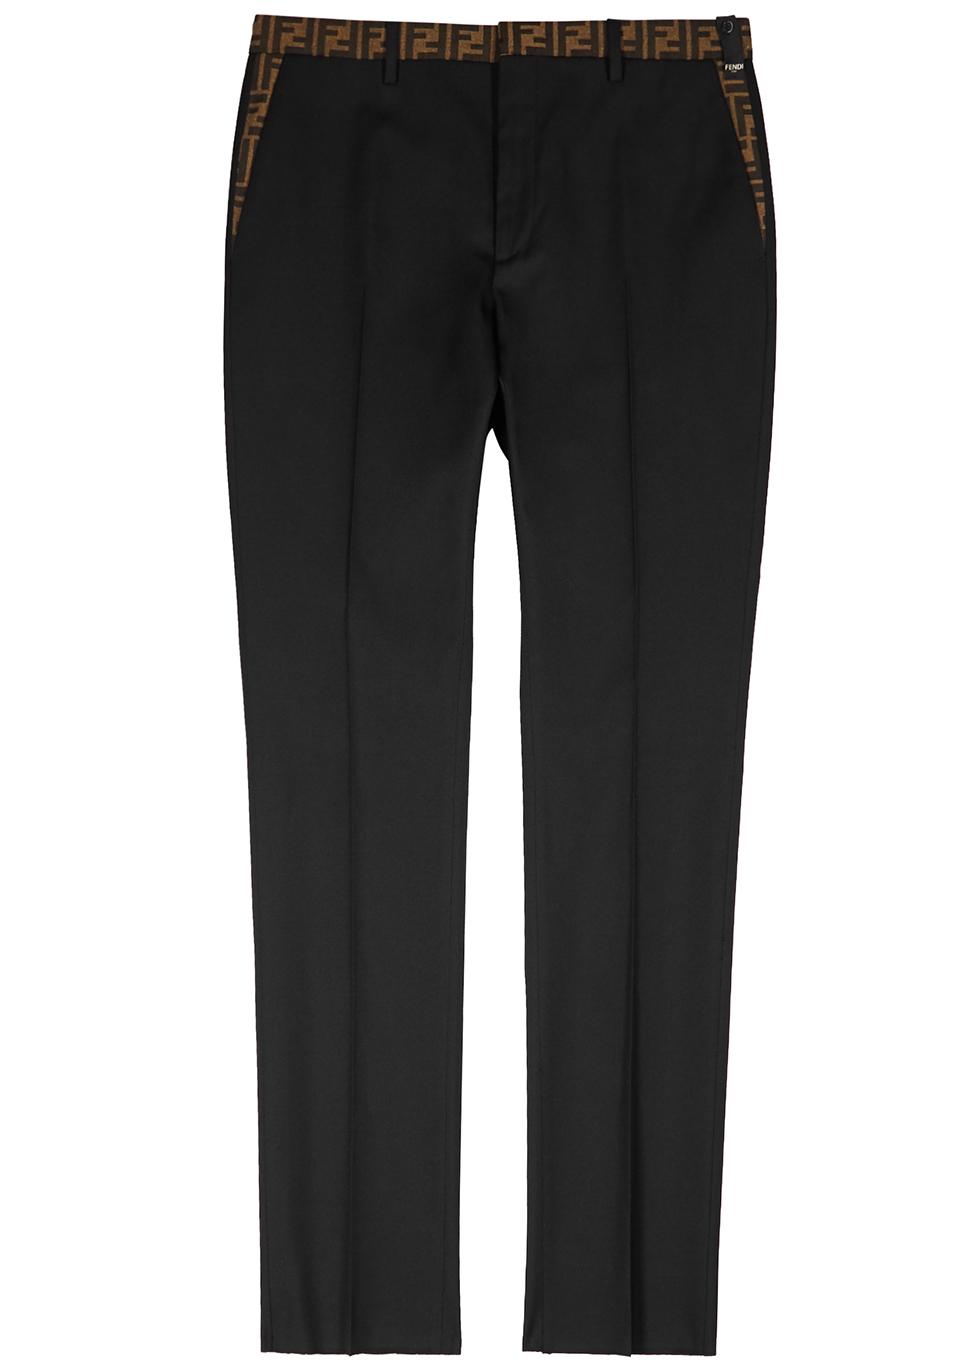 Black logo-jacquard twill trousers - Fendi